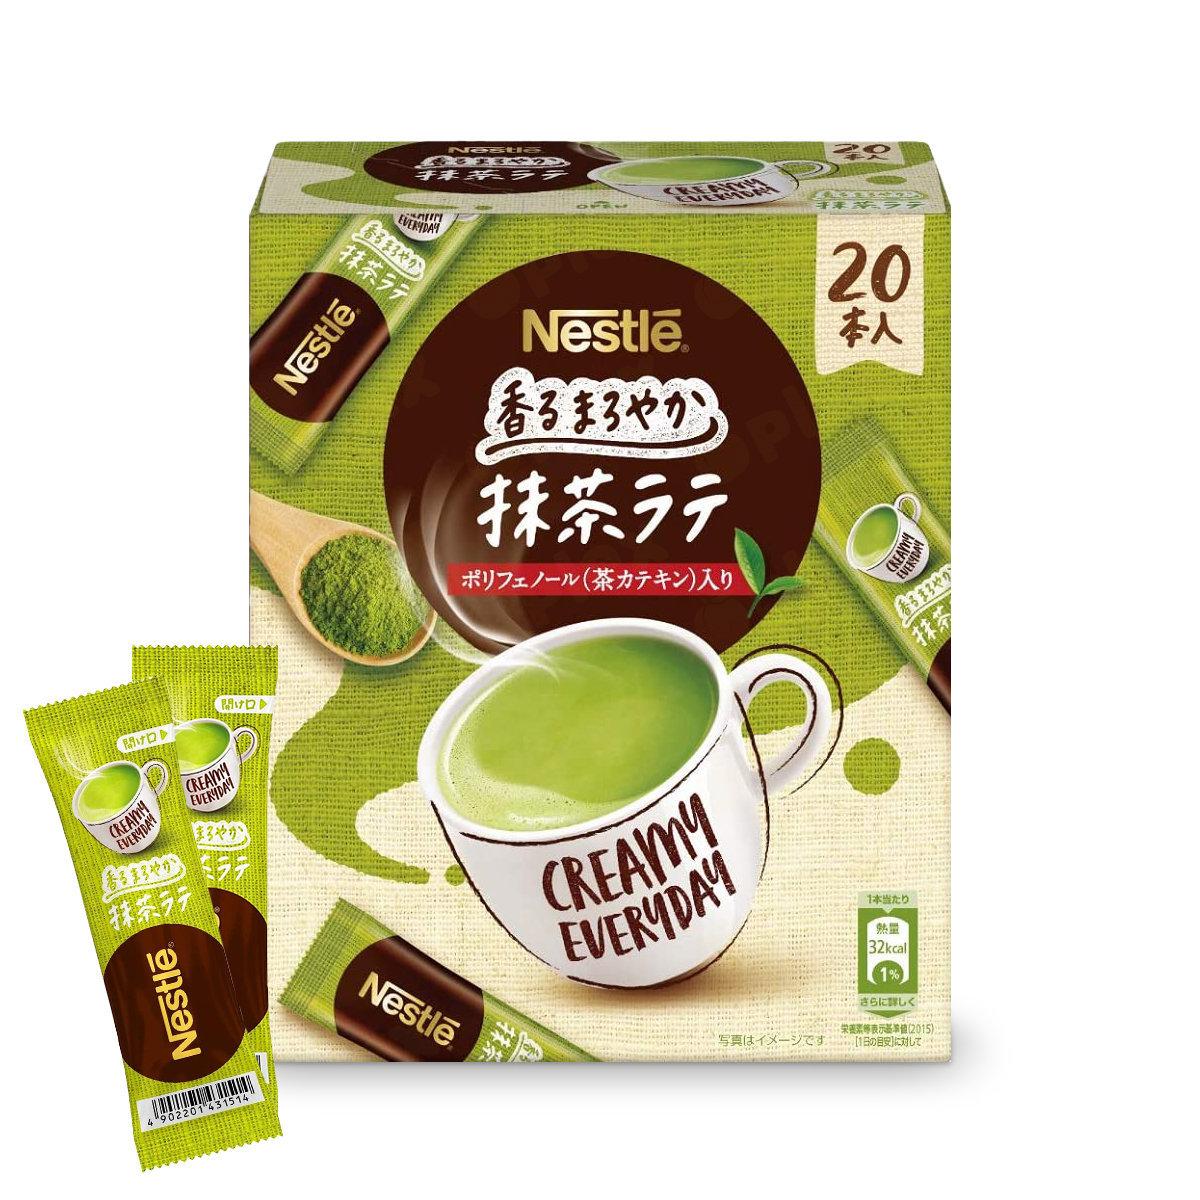 「日本版」即沖絲滑抹茶拿鐵 (20包)